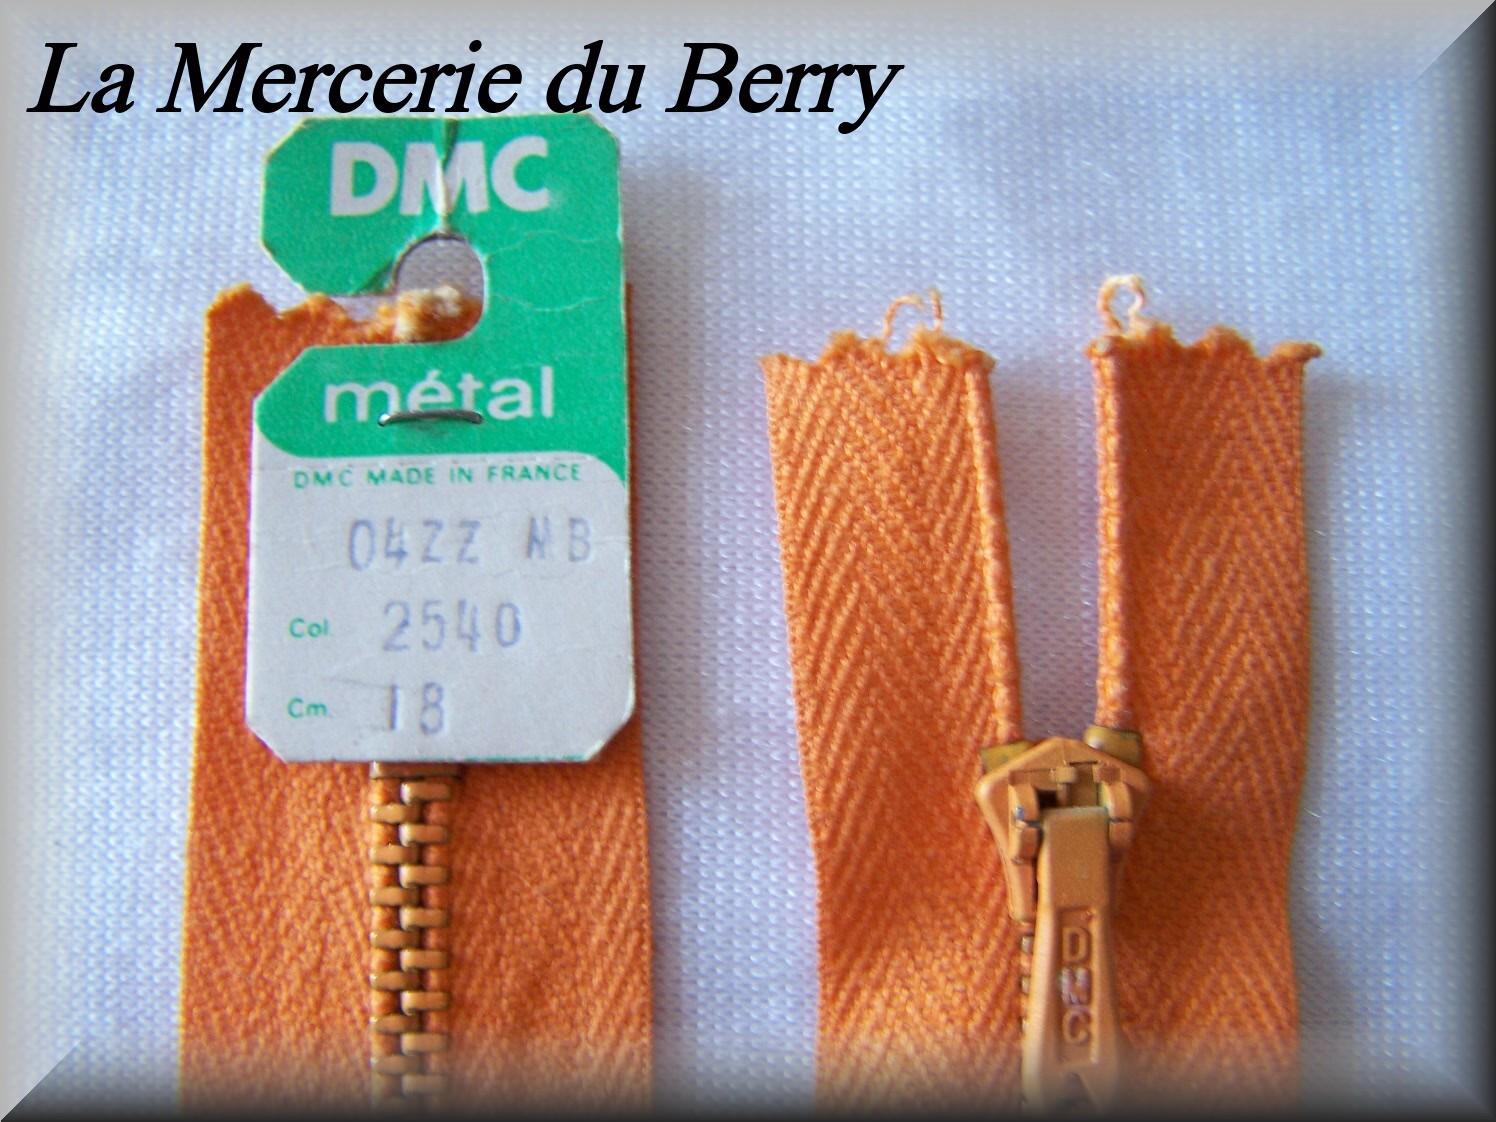 DMC-O4ZZ-2540